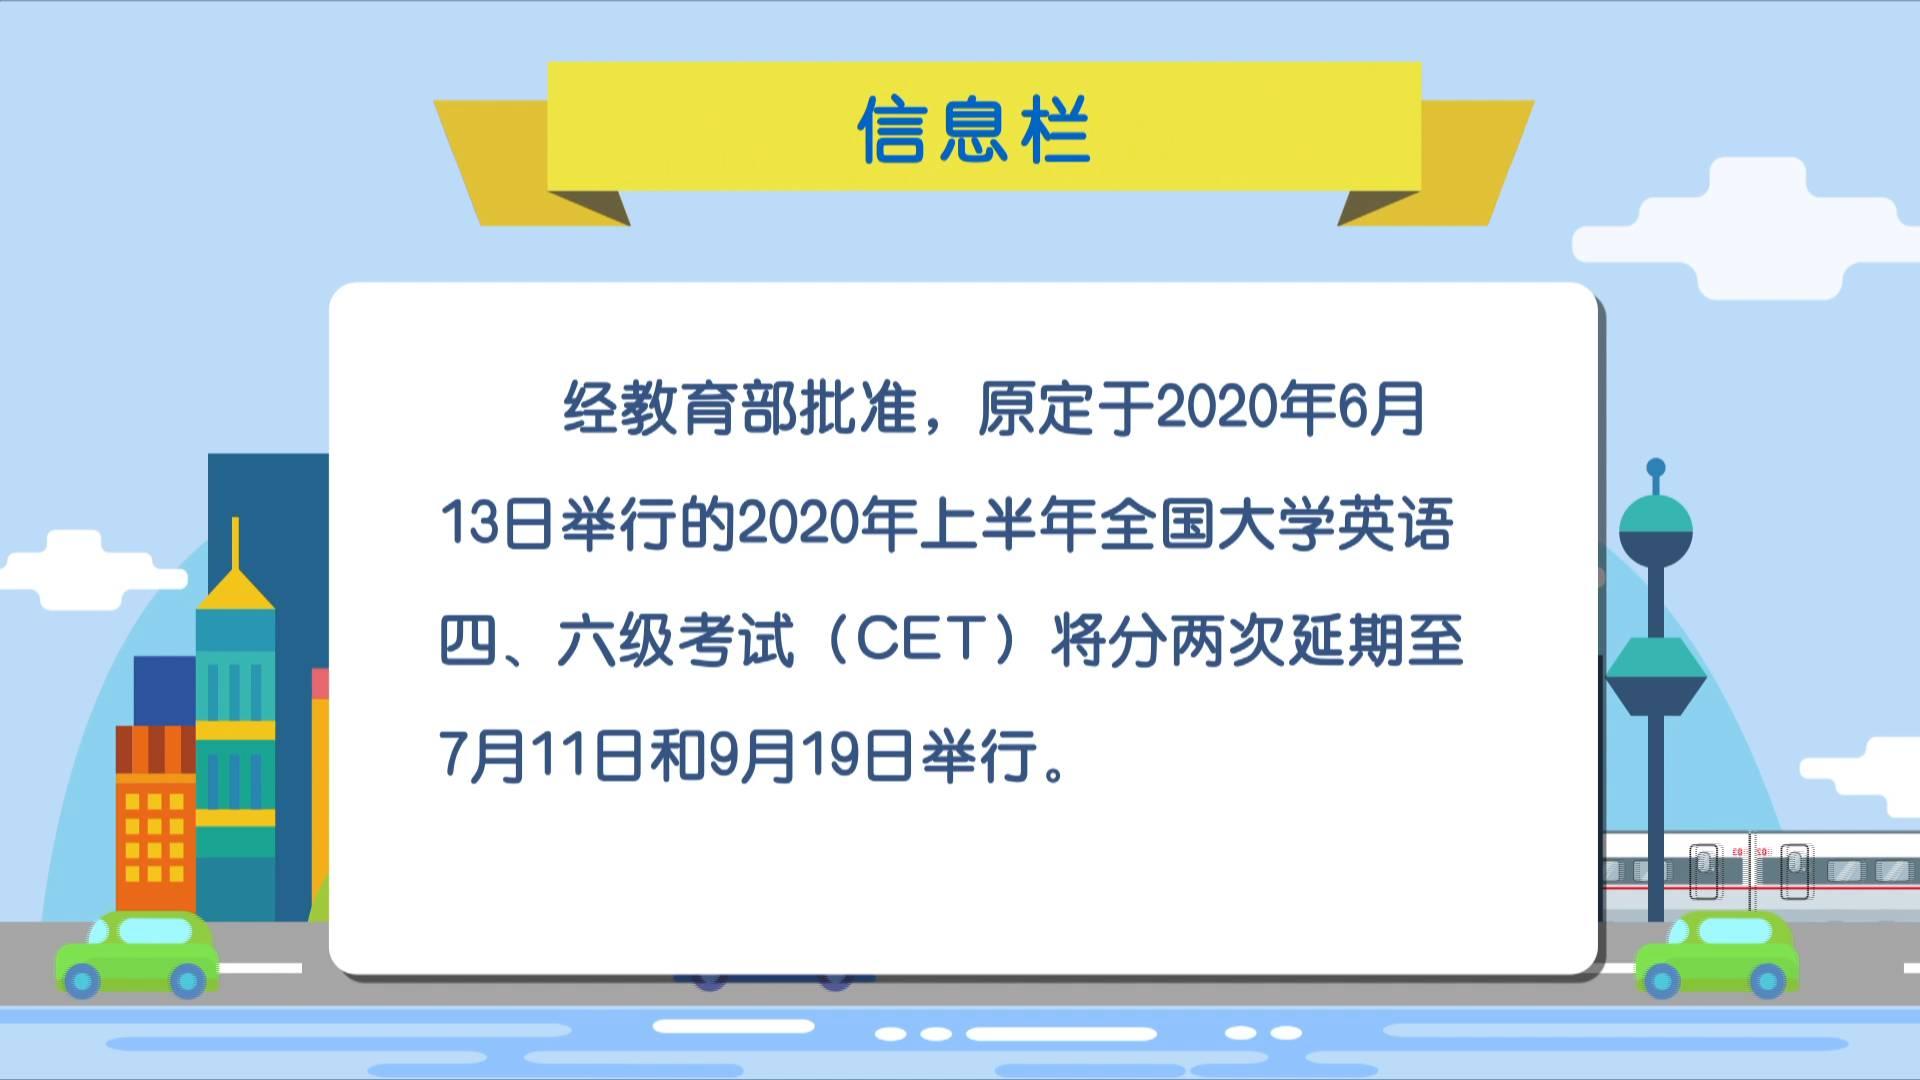 教育快讯《山东教育周刊》20200607播出